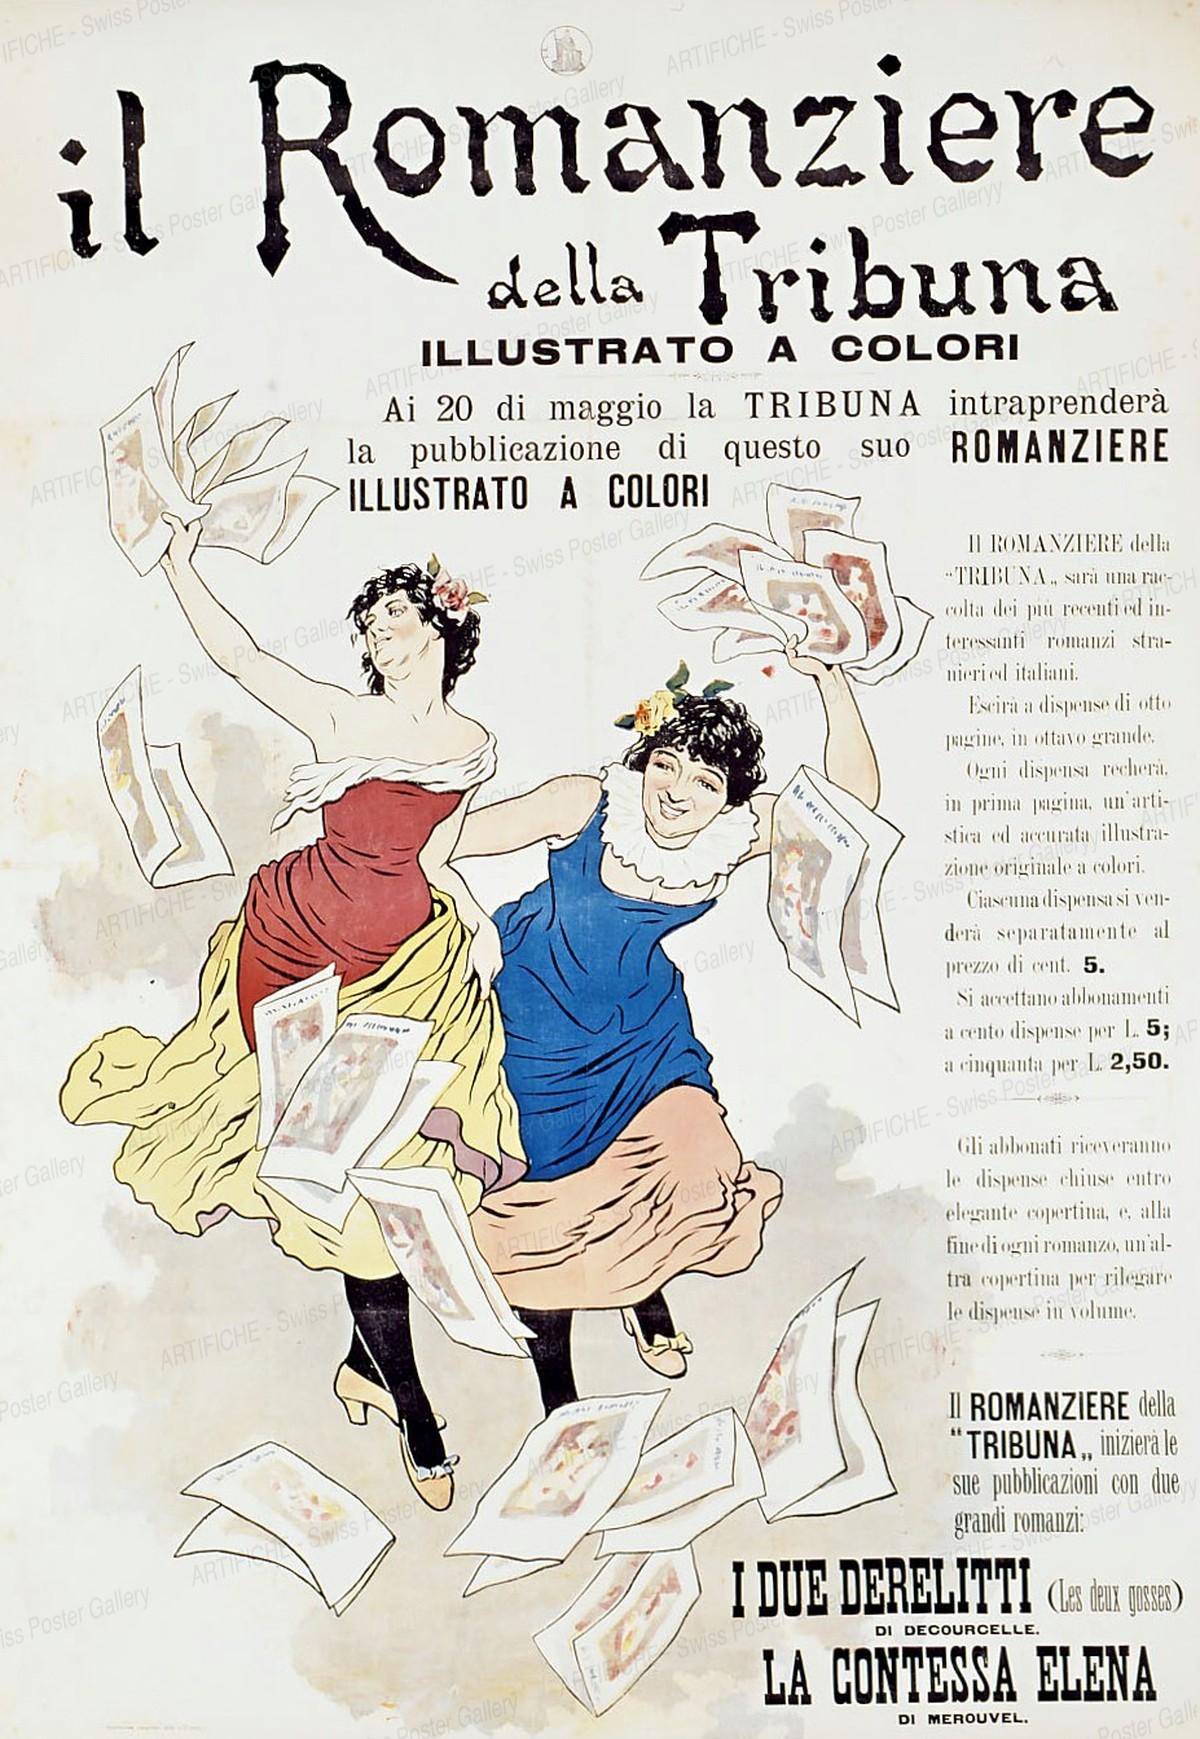 Il Romanziere della Tribuna, Illustrato a Colori, Artist unknown